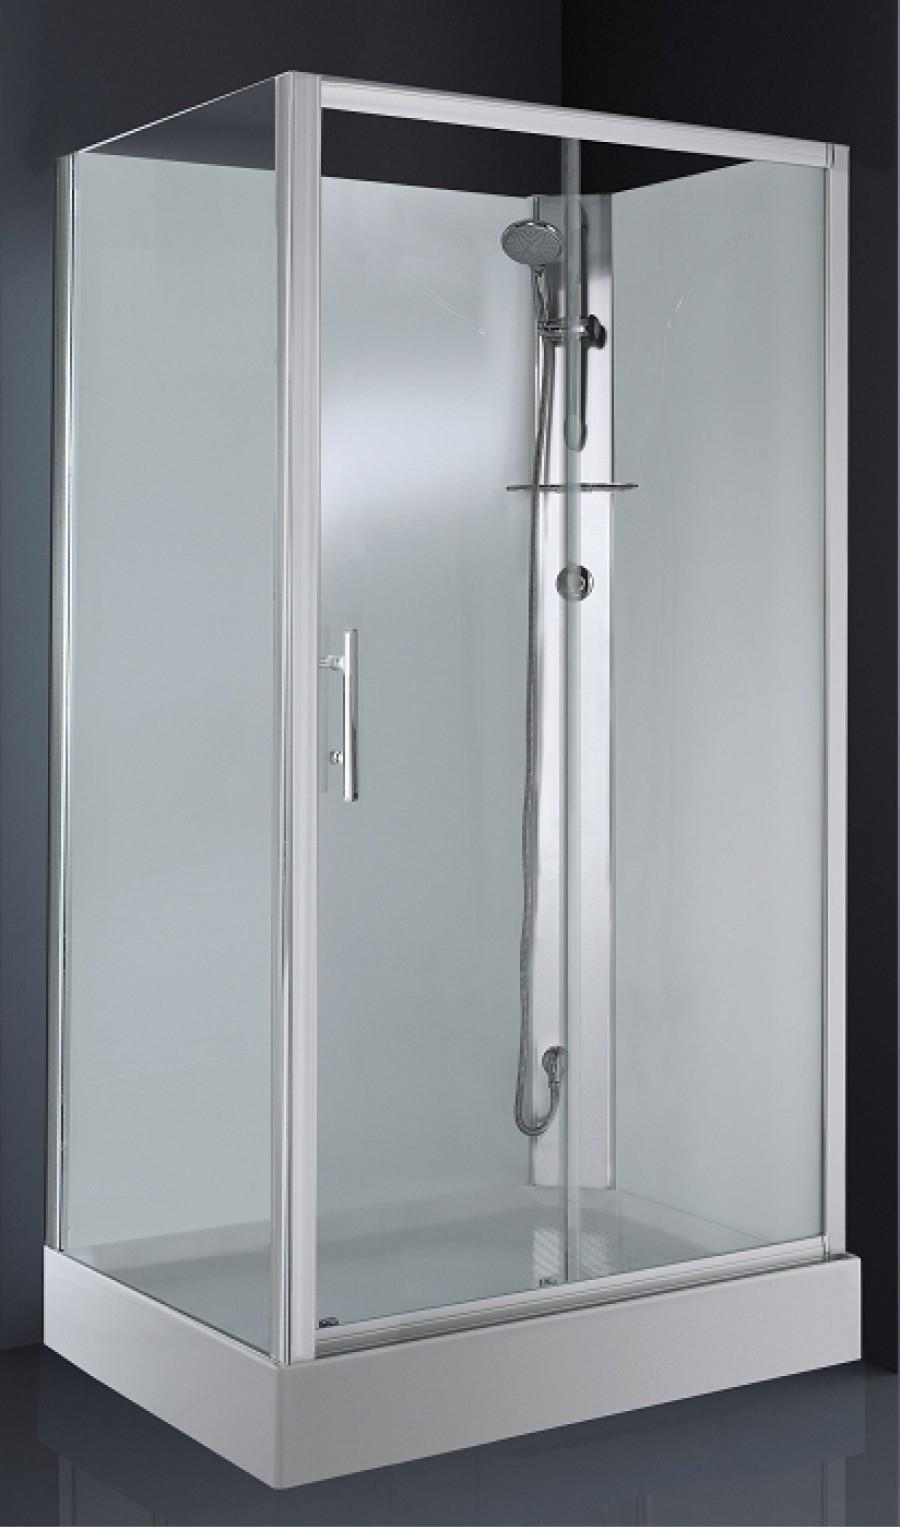 Cabine de douche CARAT 120x80 cm Thermostatique - Version Droite